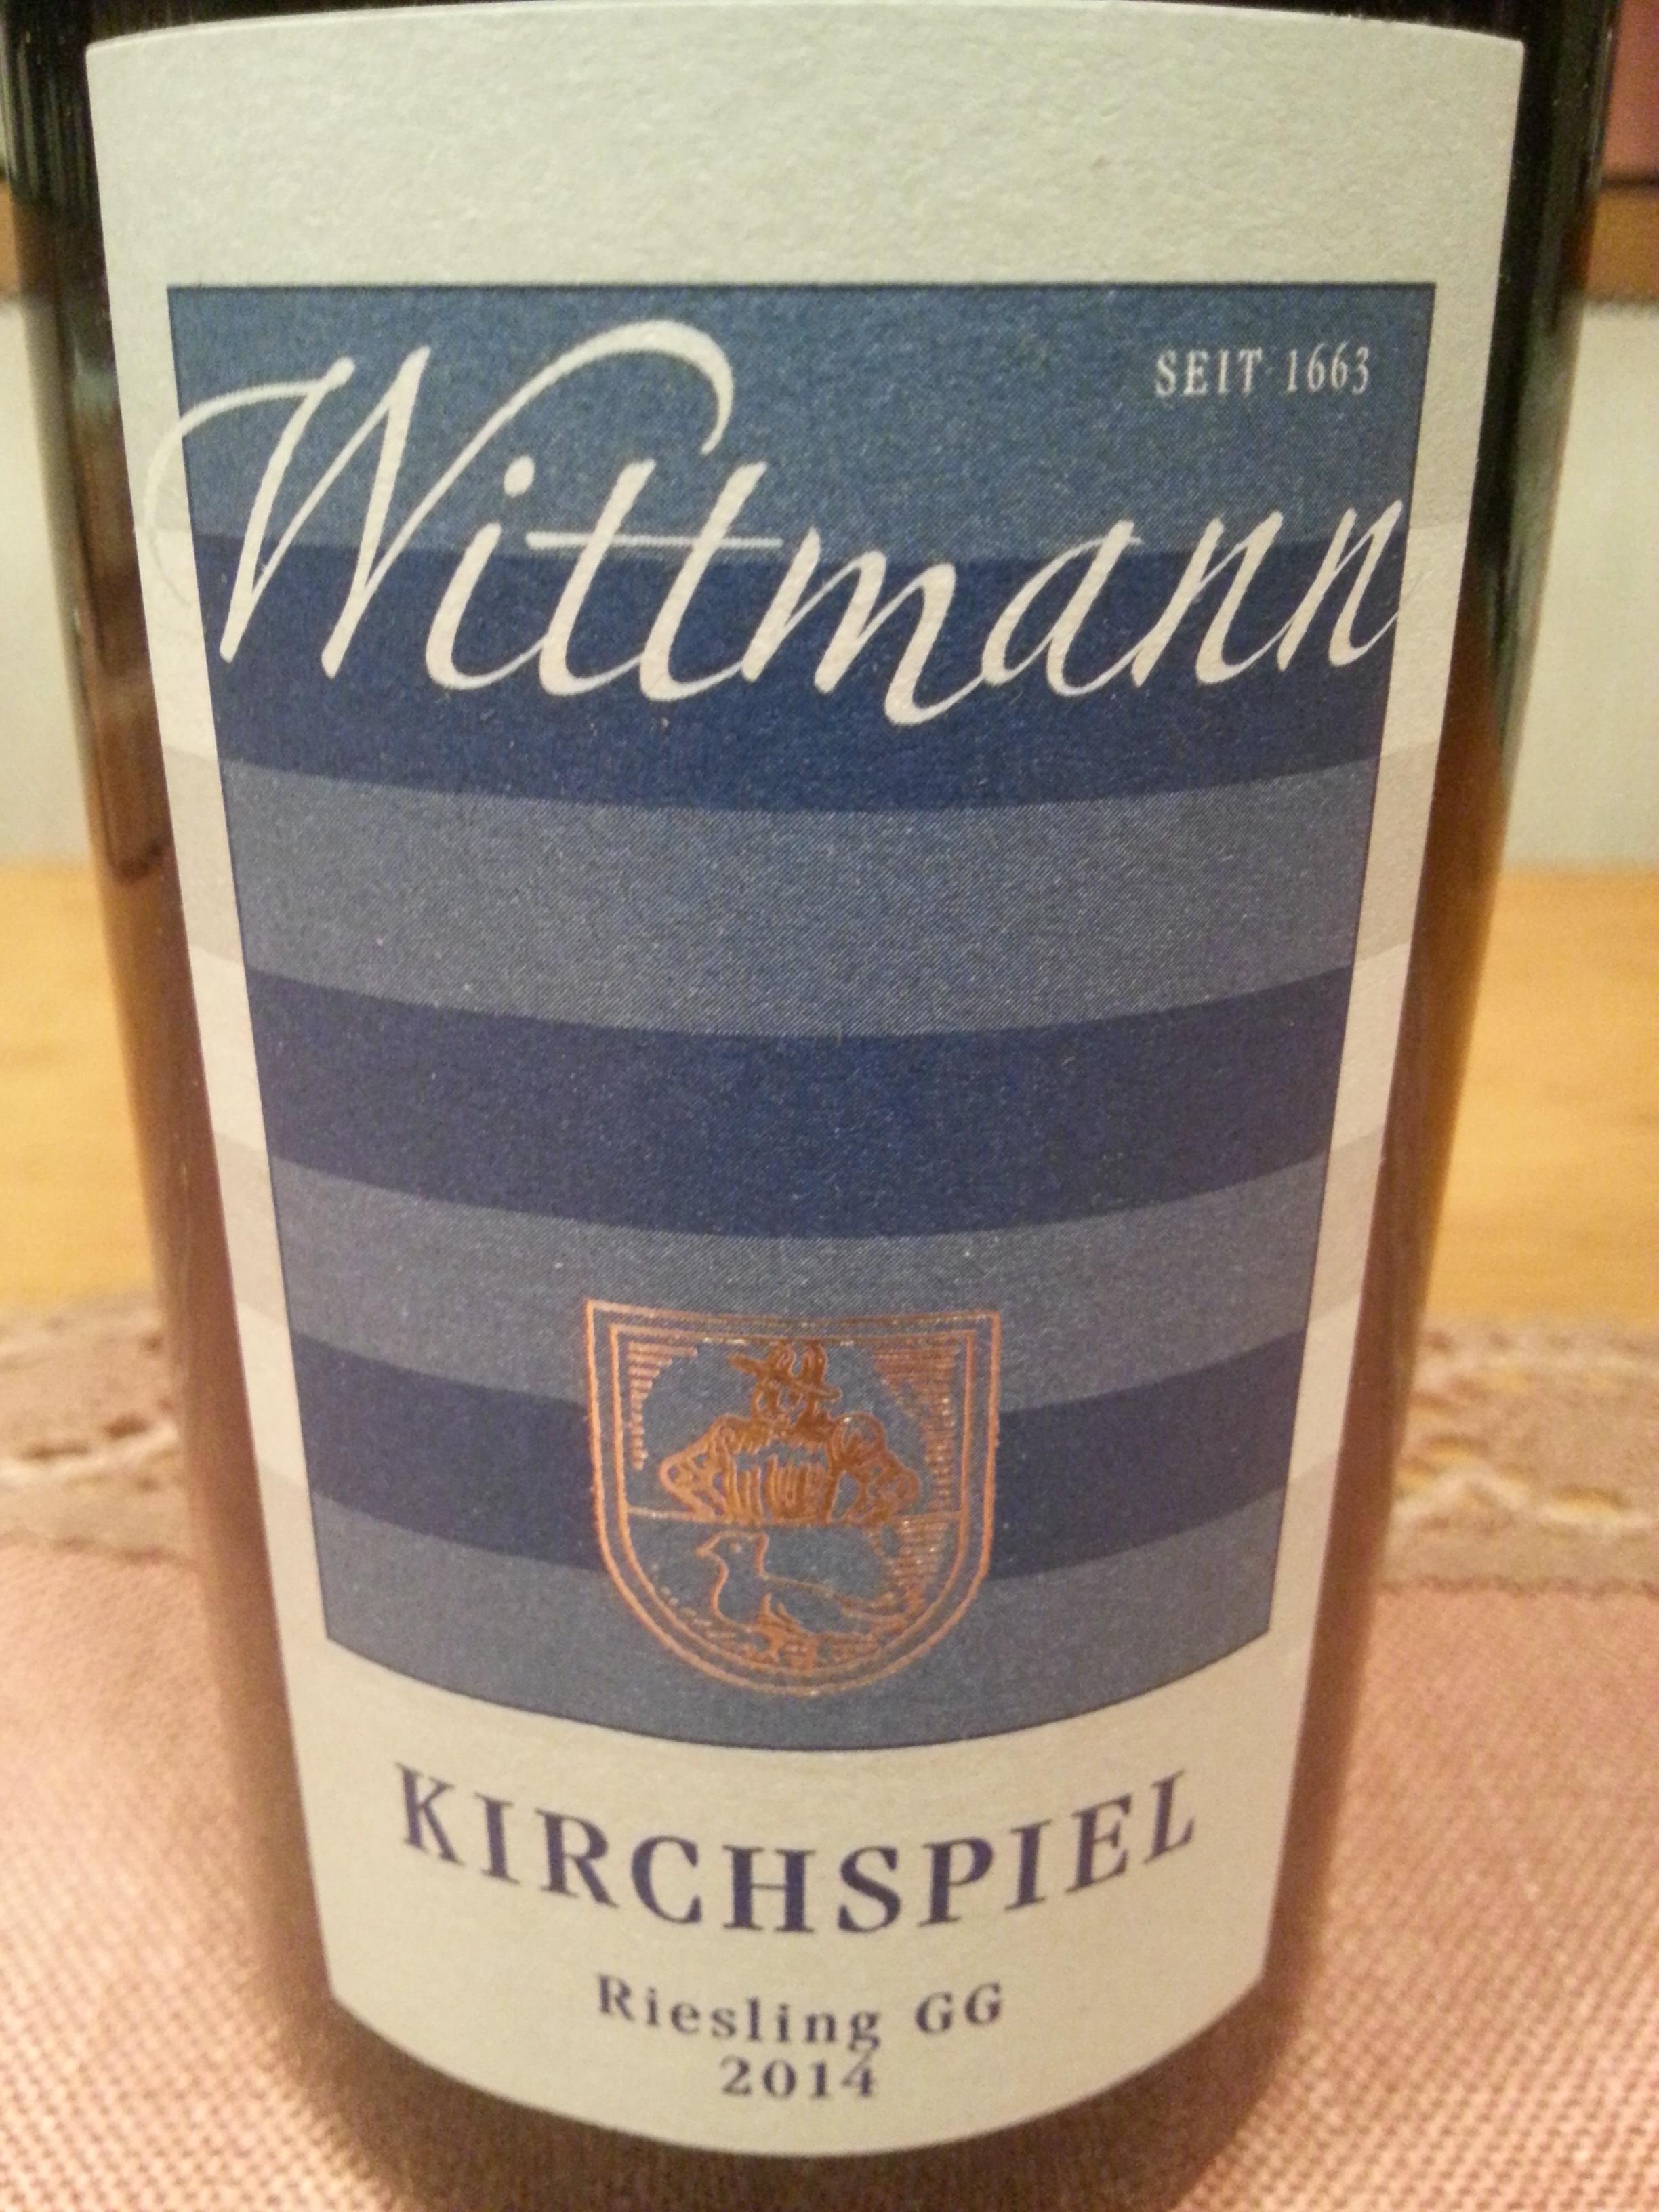 2014 Riesling Westhofen Kirchspiel GG | Wittmann